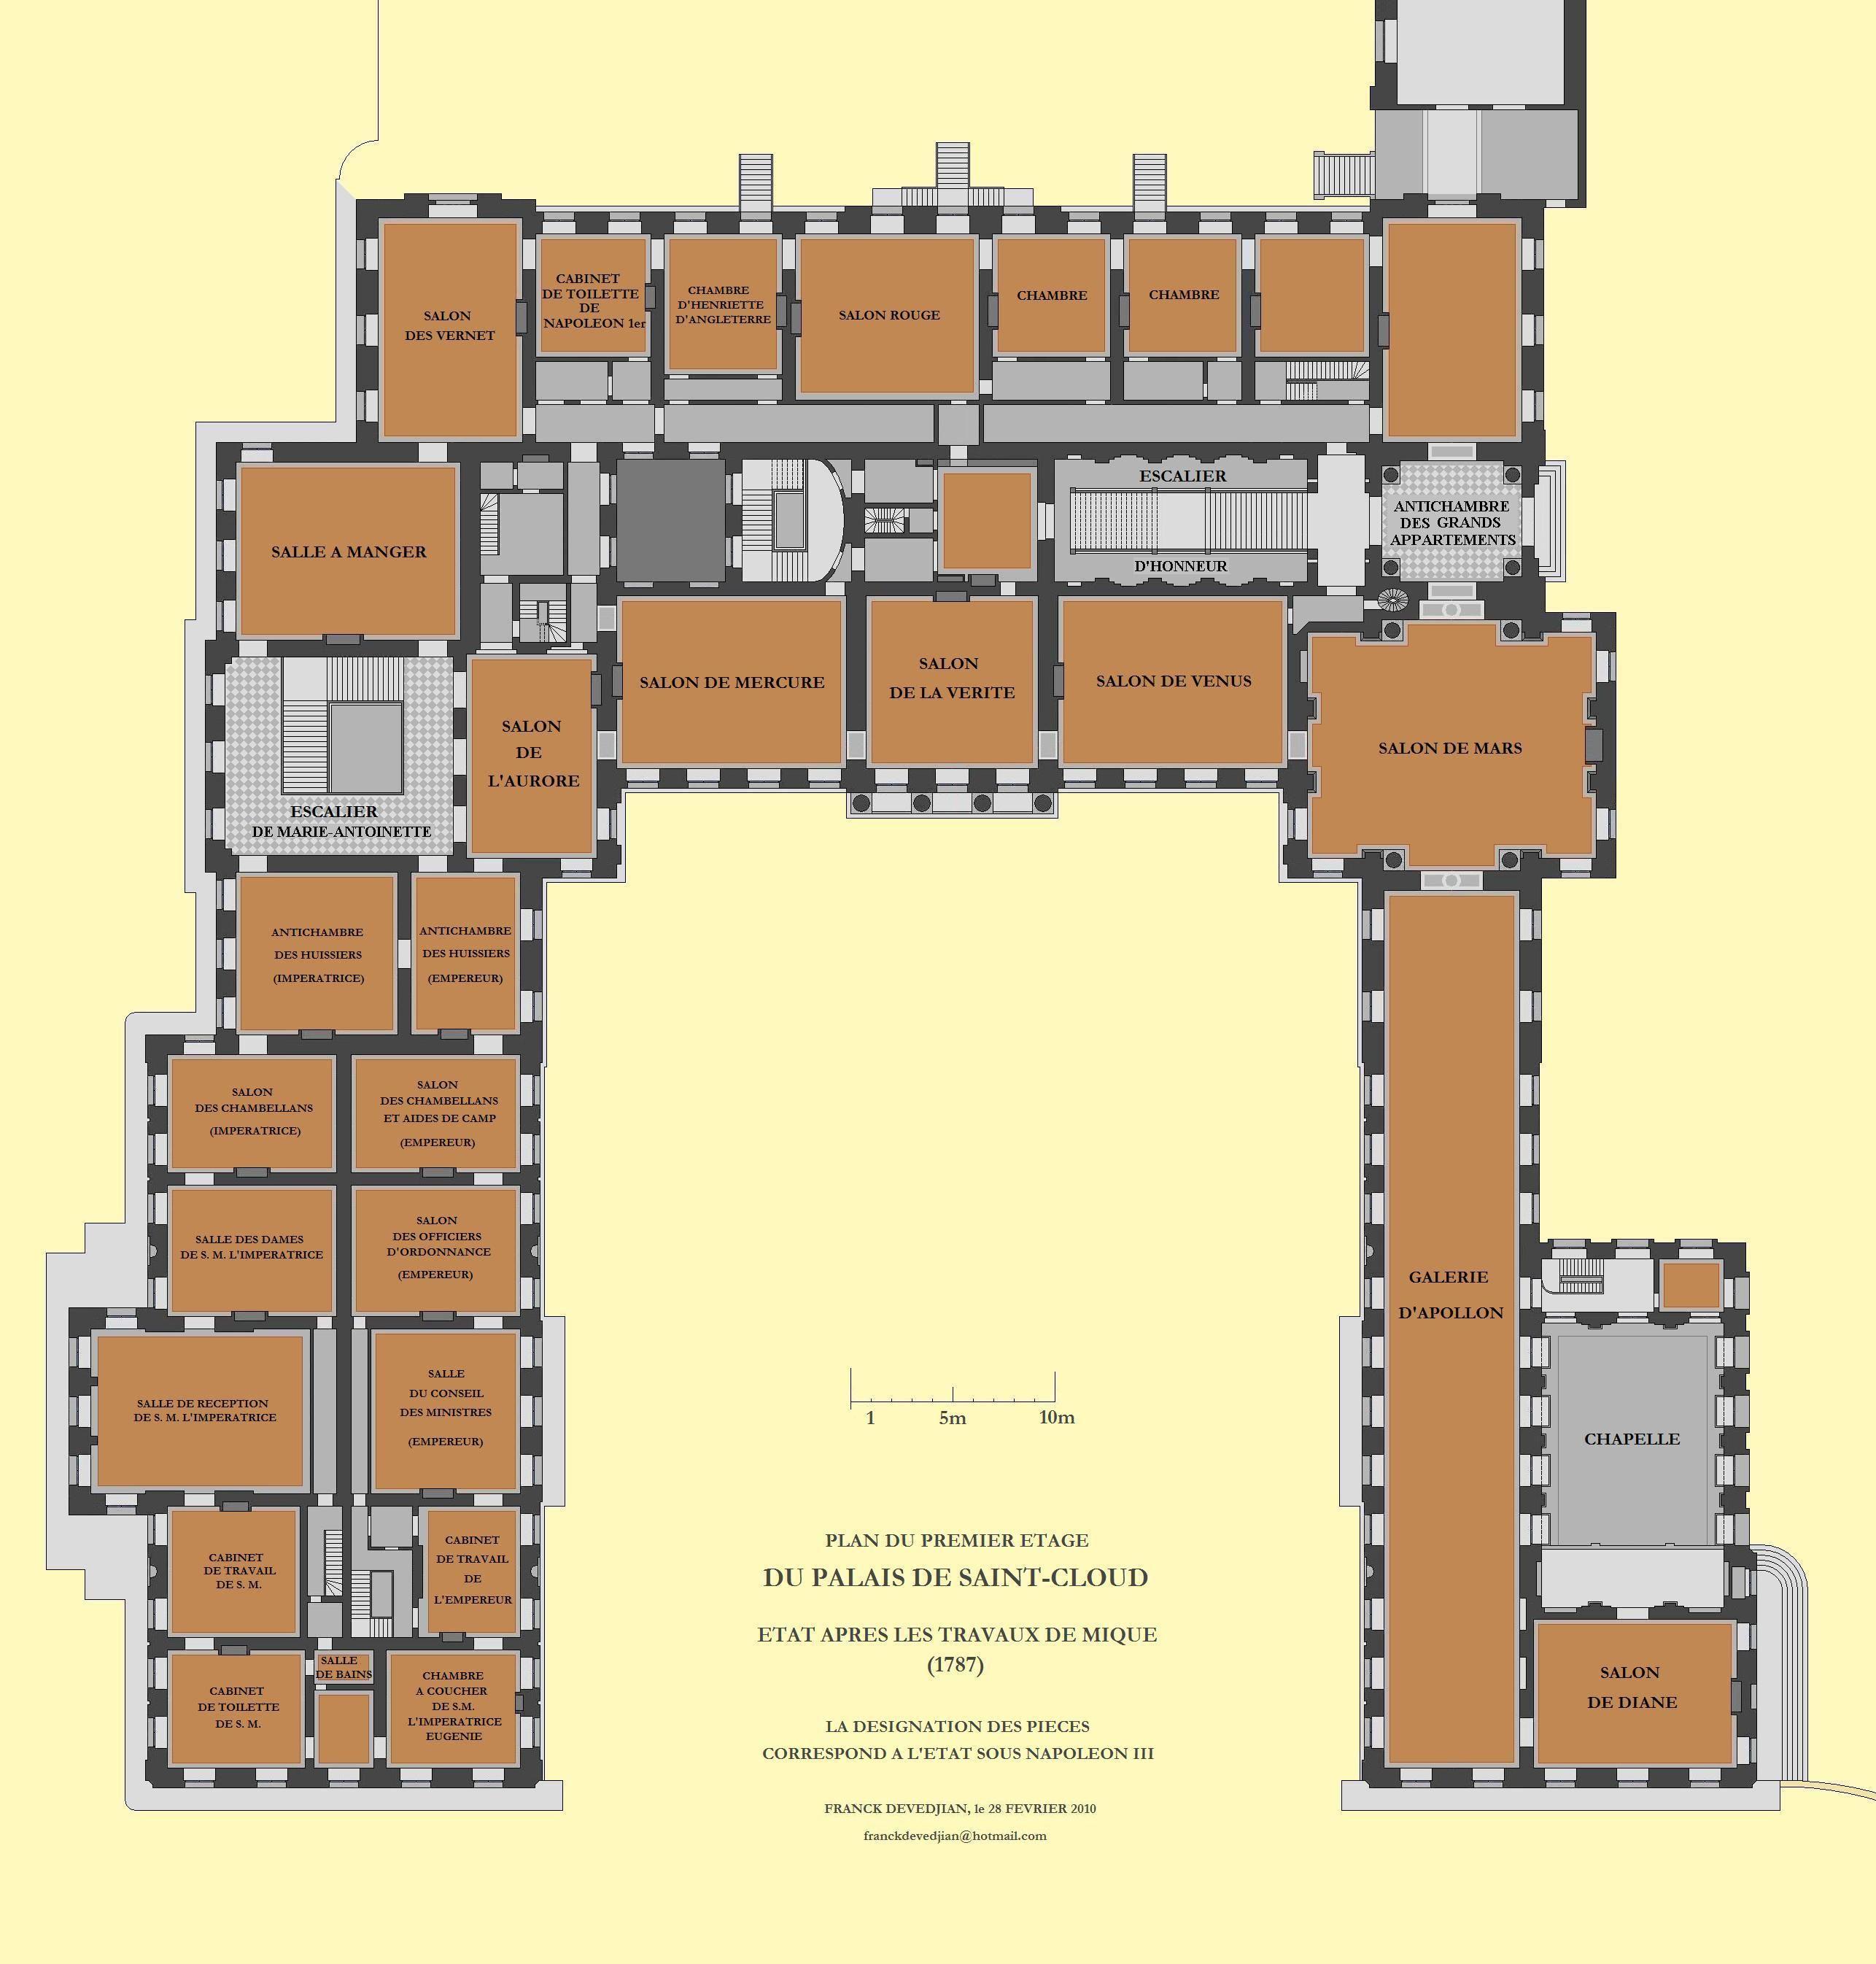 The Main Floor Of The Chateau De St Cloud Saint Cloud Hotel